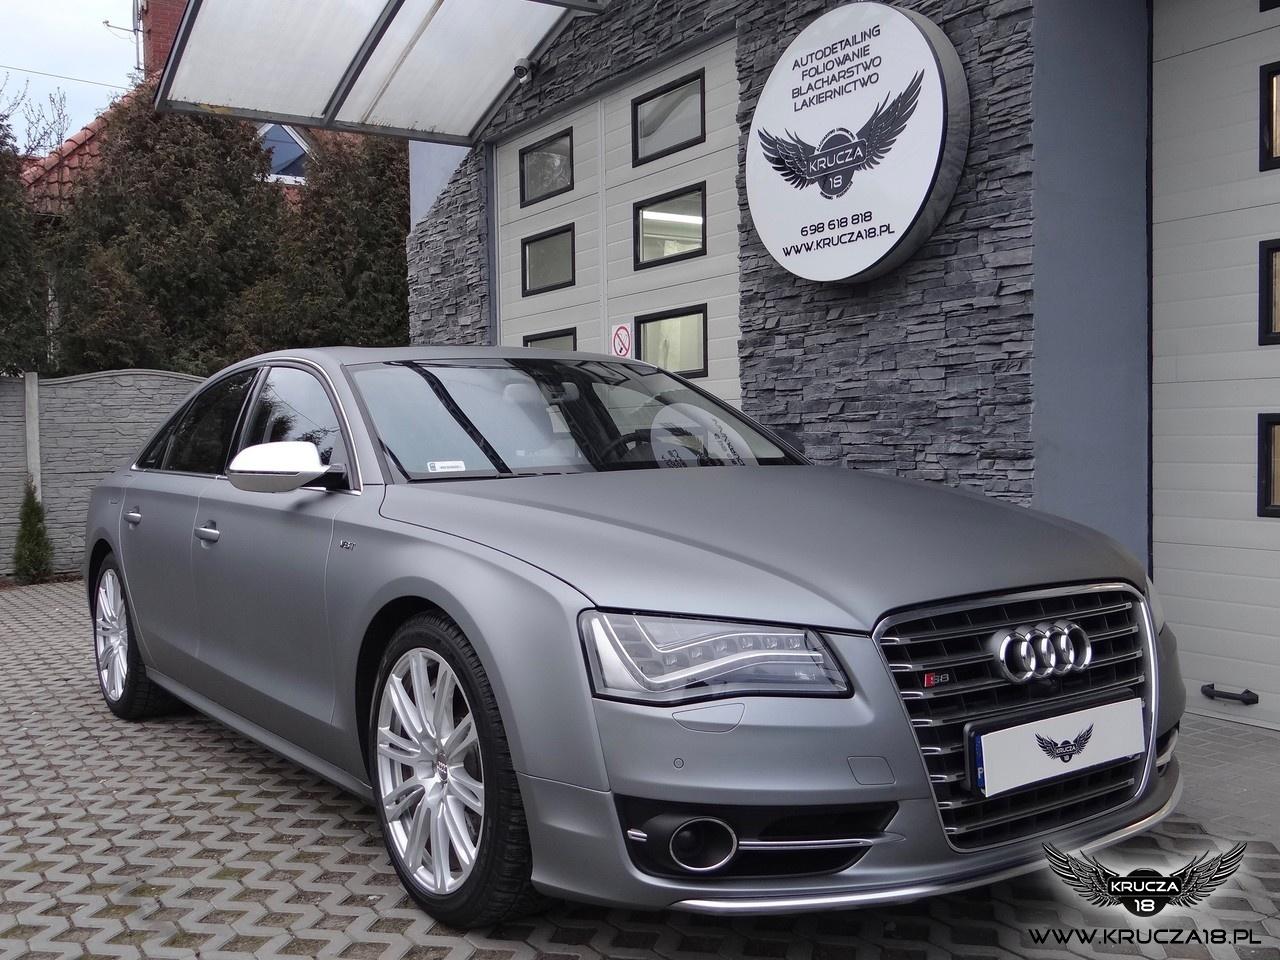 Audi S8 : zmiana koloru auta folią : oklejanie : wrap : frozen gray : Krucza18 : Osielsko/k.Bydgoszczy